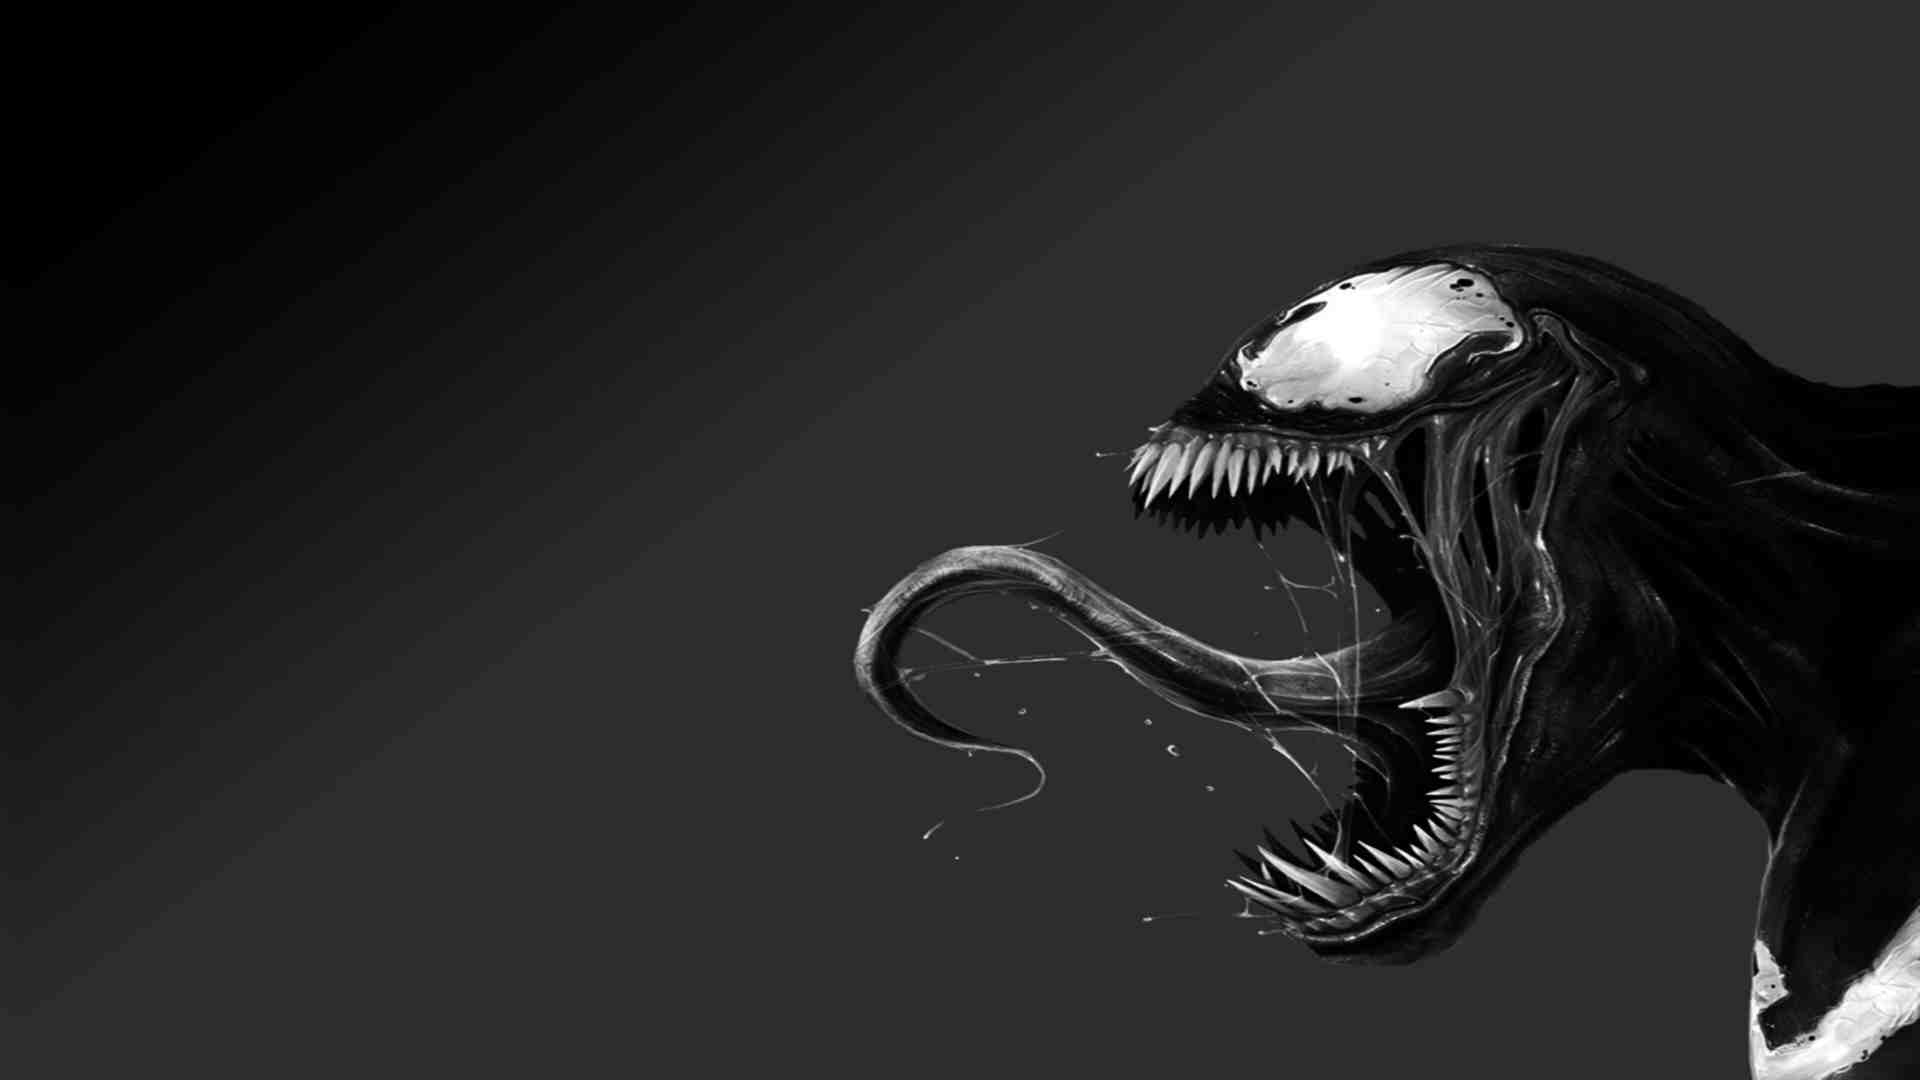 Venom Iphone 4 Wallpaper No 1 Wallpaper Hd